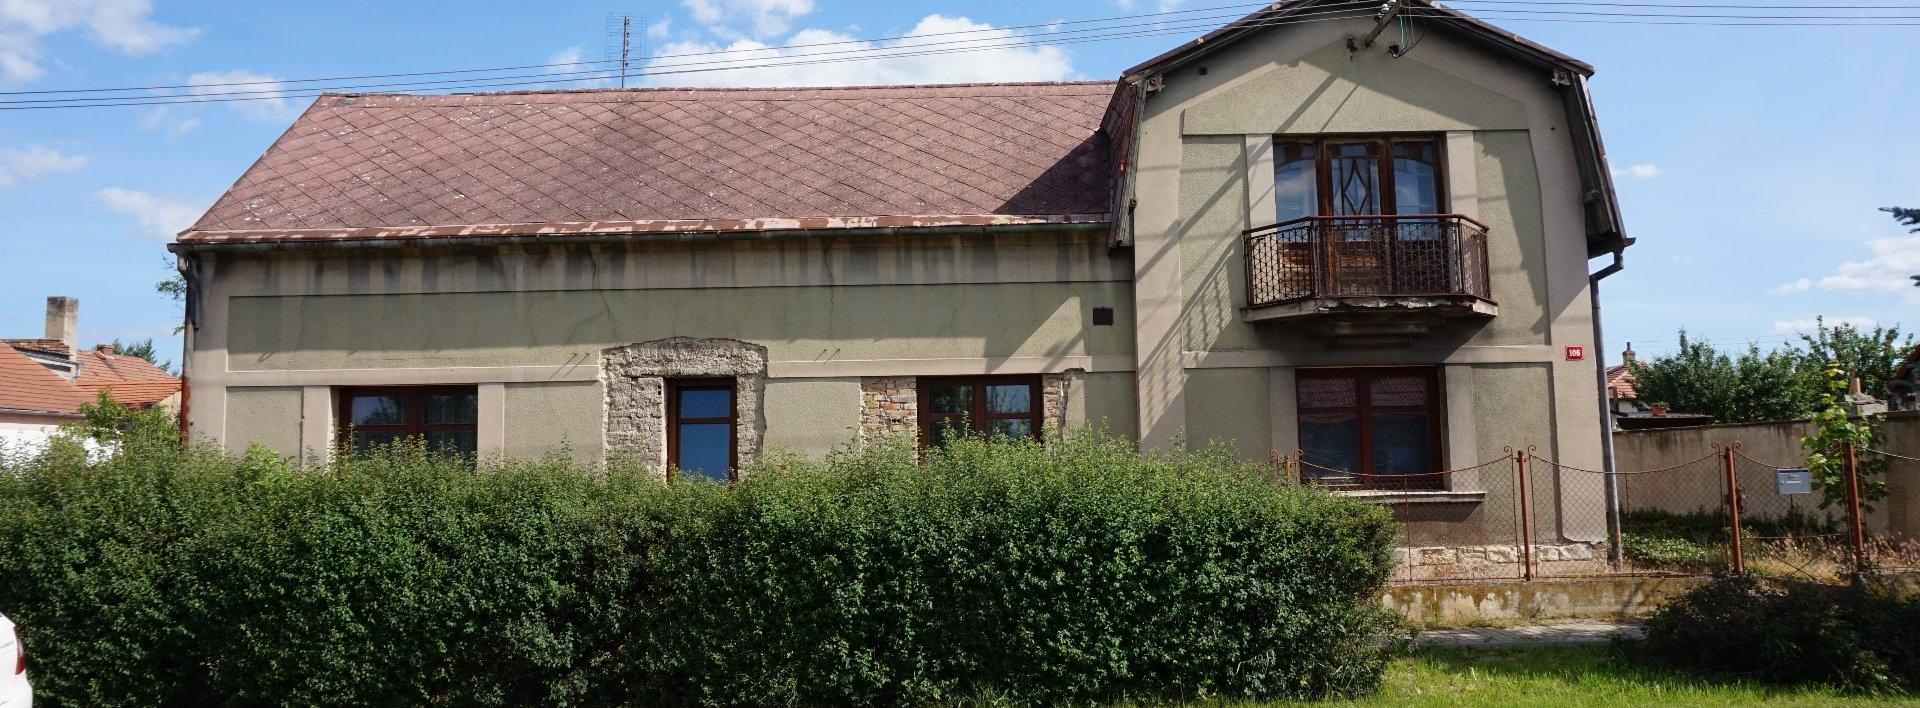 Prodej, Rodinný dům se zahradou, garáží a dvorem, 761 m2, středisková obec Koštice., Ev.č.: N49094